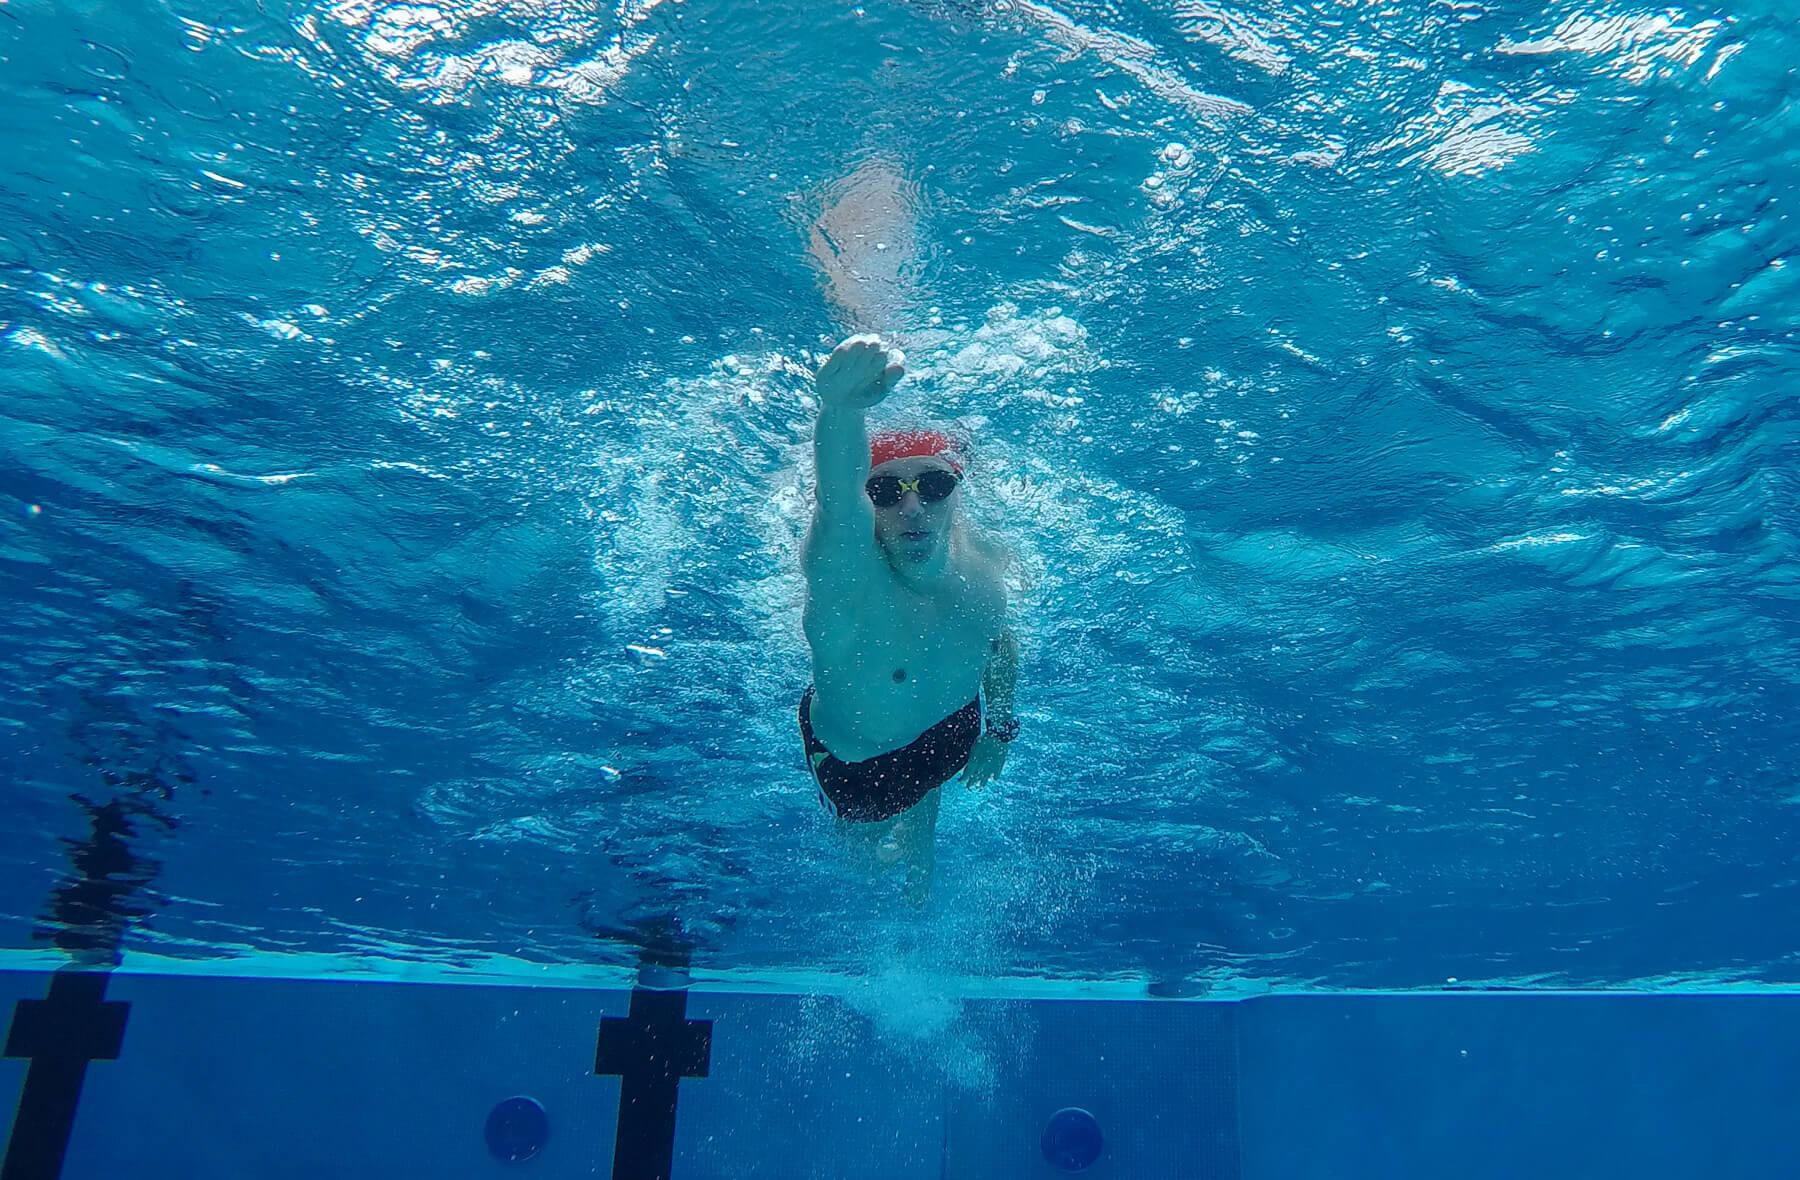 Schneller schwimmen: Die richtige Handhaltung beim eintauchen